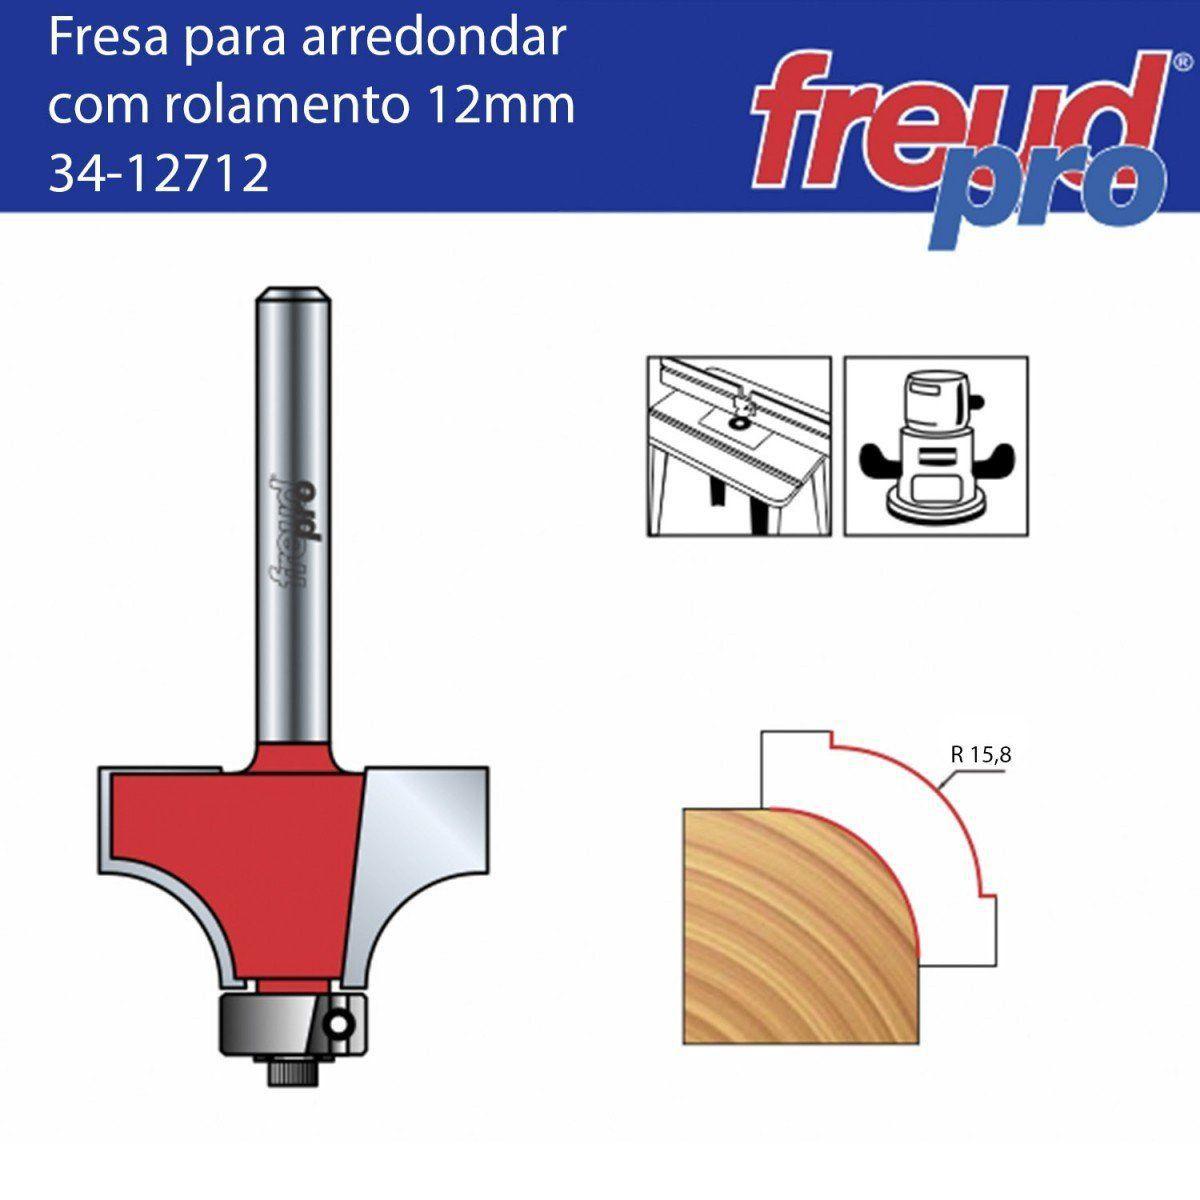 Fresa Tipo Cordão para Tupia Raio 15,8mm 34-12712 Freud